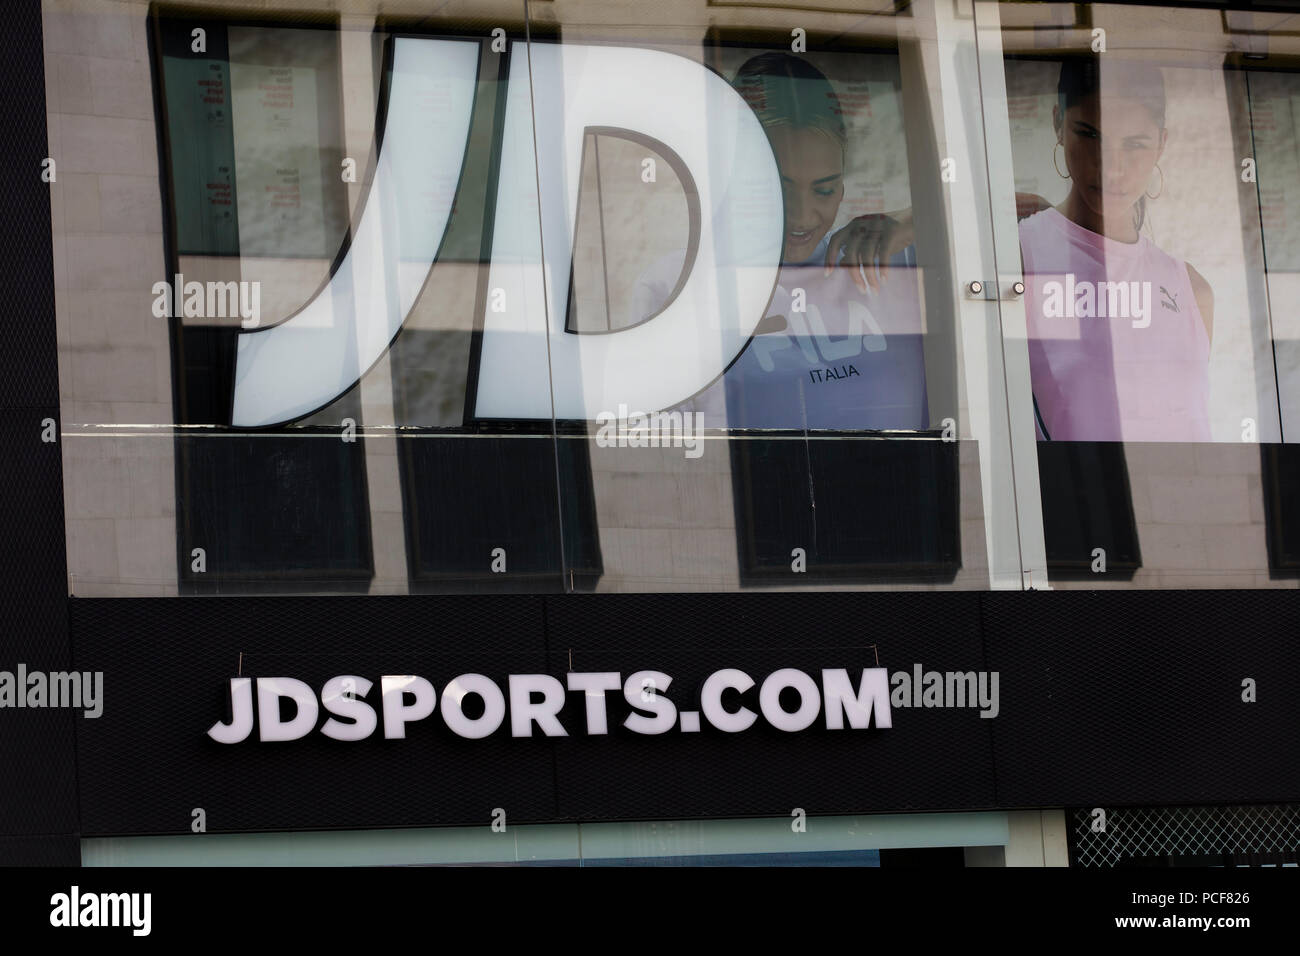 176b5a71880bf LONDON, UK - JULY 31th 2018: JD sports sportswear shop on Oxford Street in